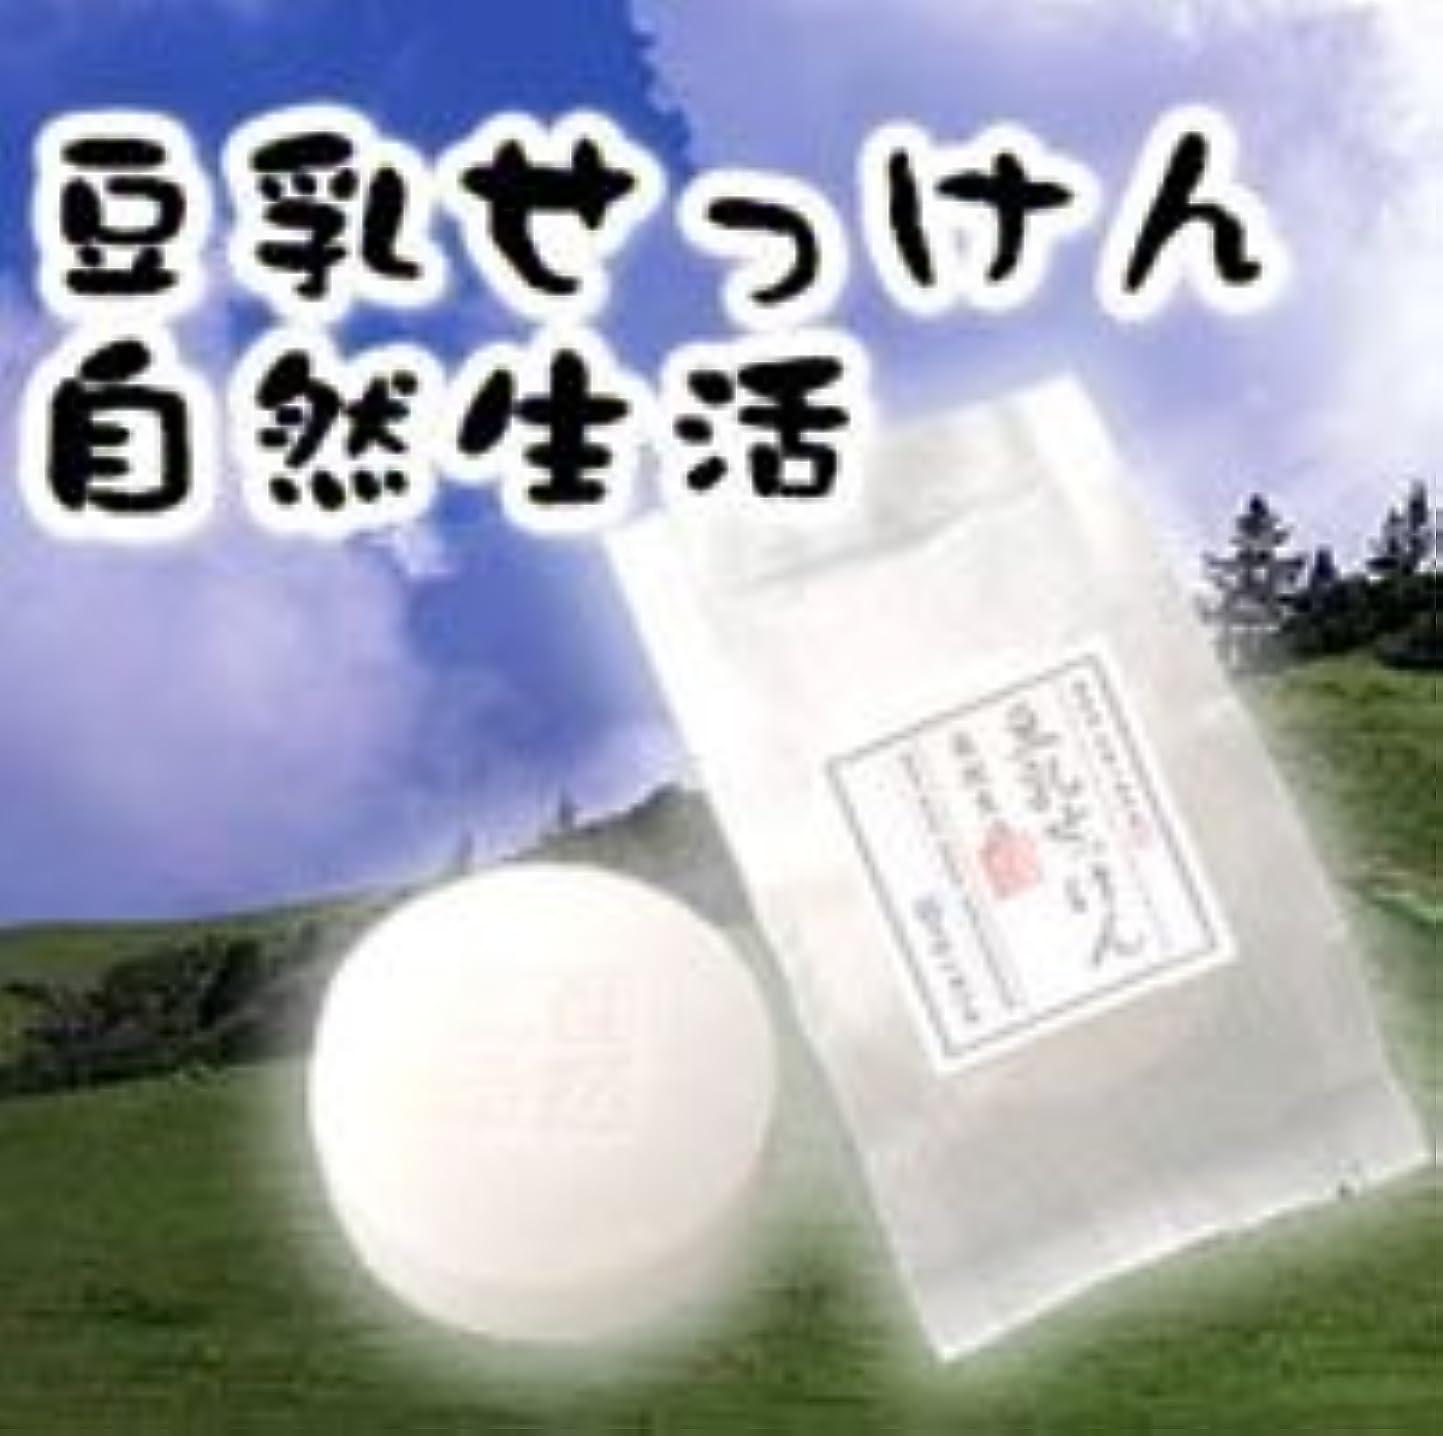 フォルダありふれたり豆腐の盛田屋 豆乳せっけん 自然生活